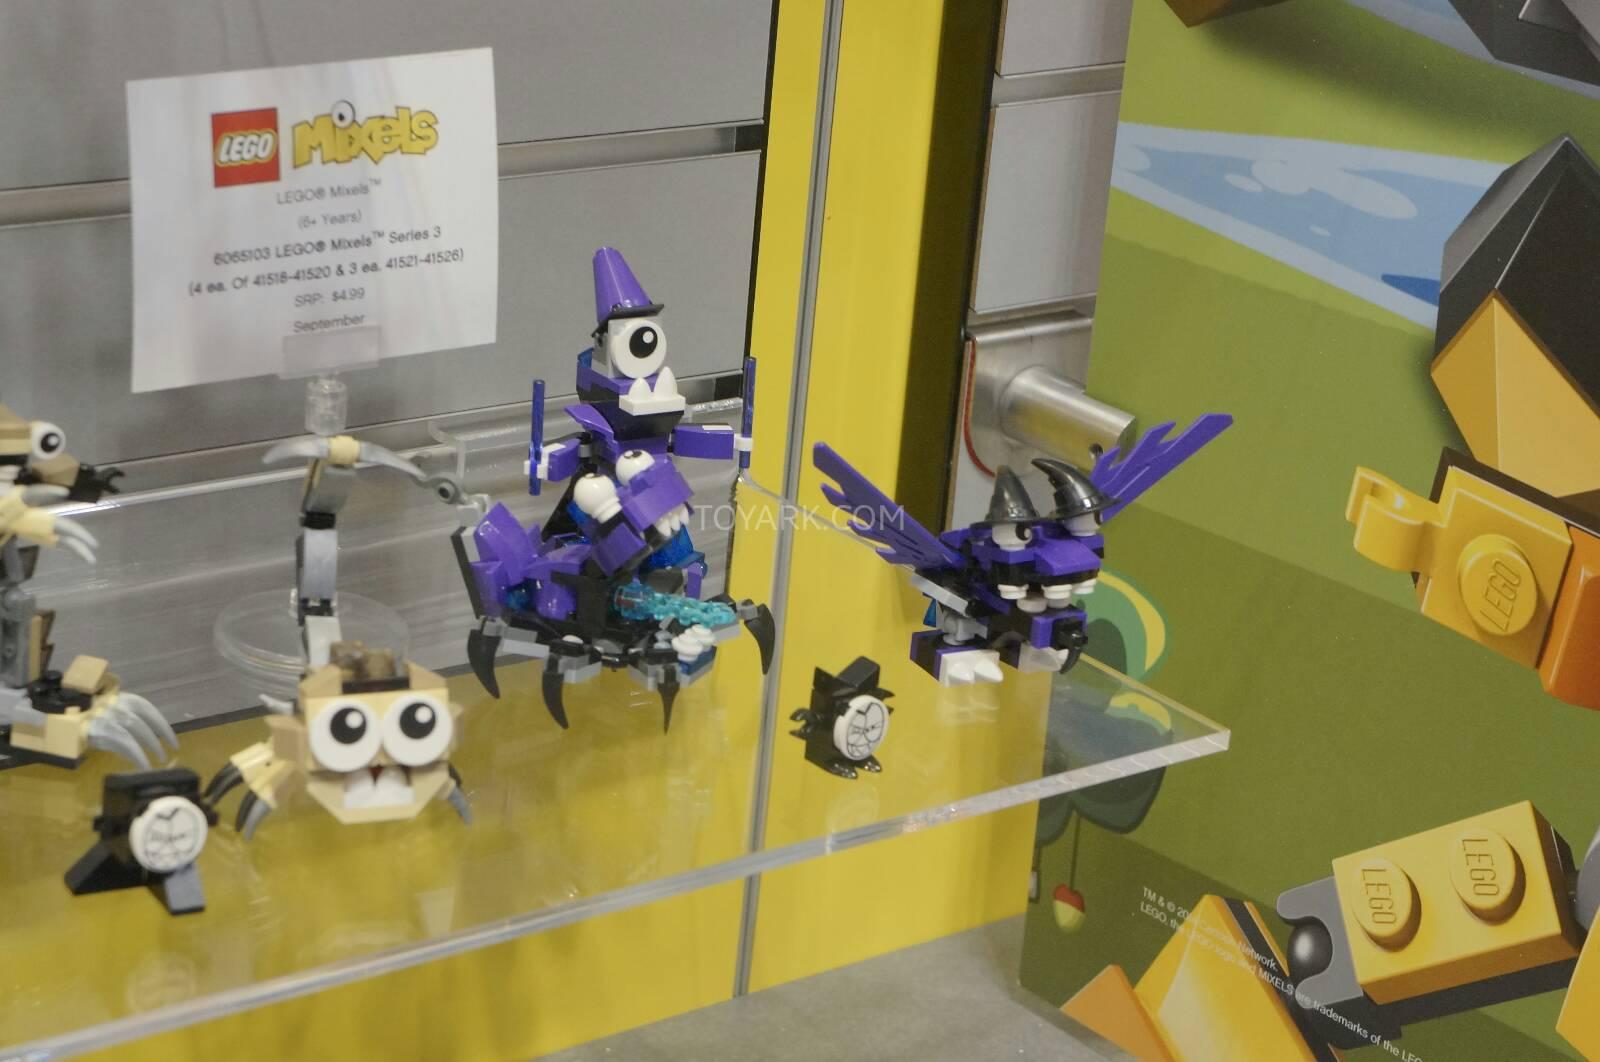 LEGO Mixels - Página 2 Toy-Fair-2014-LEGO-Mixels-011